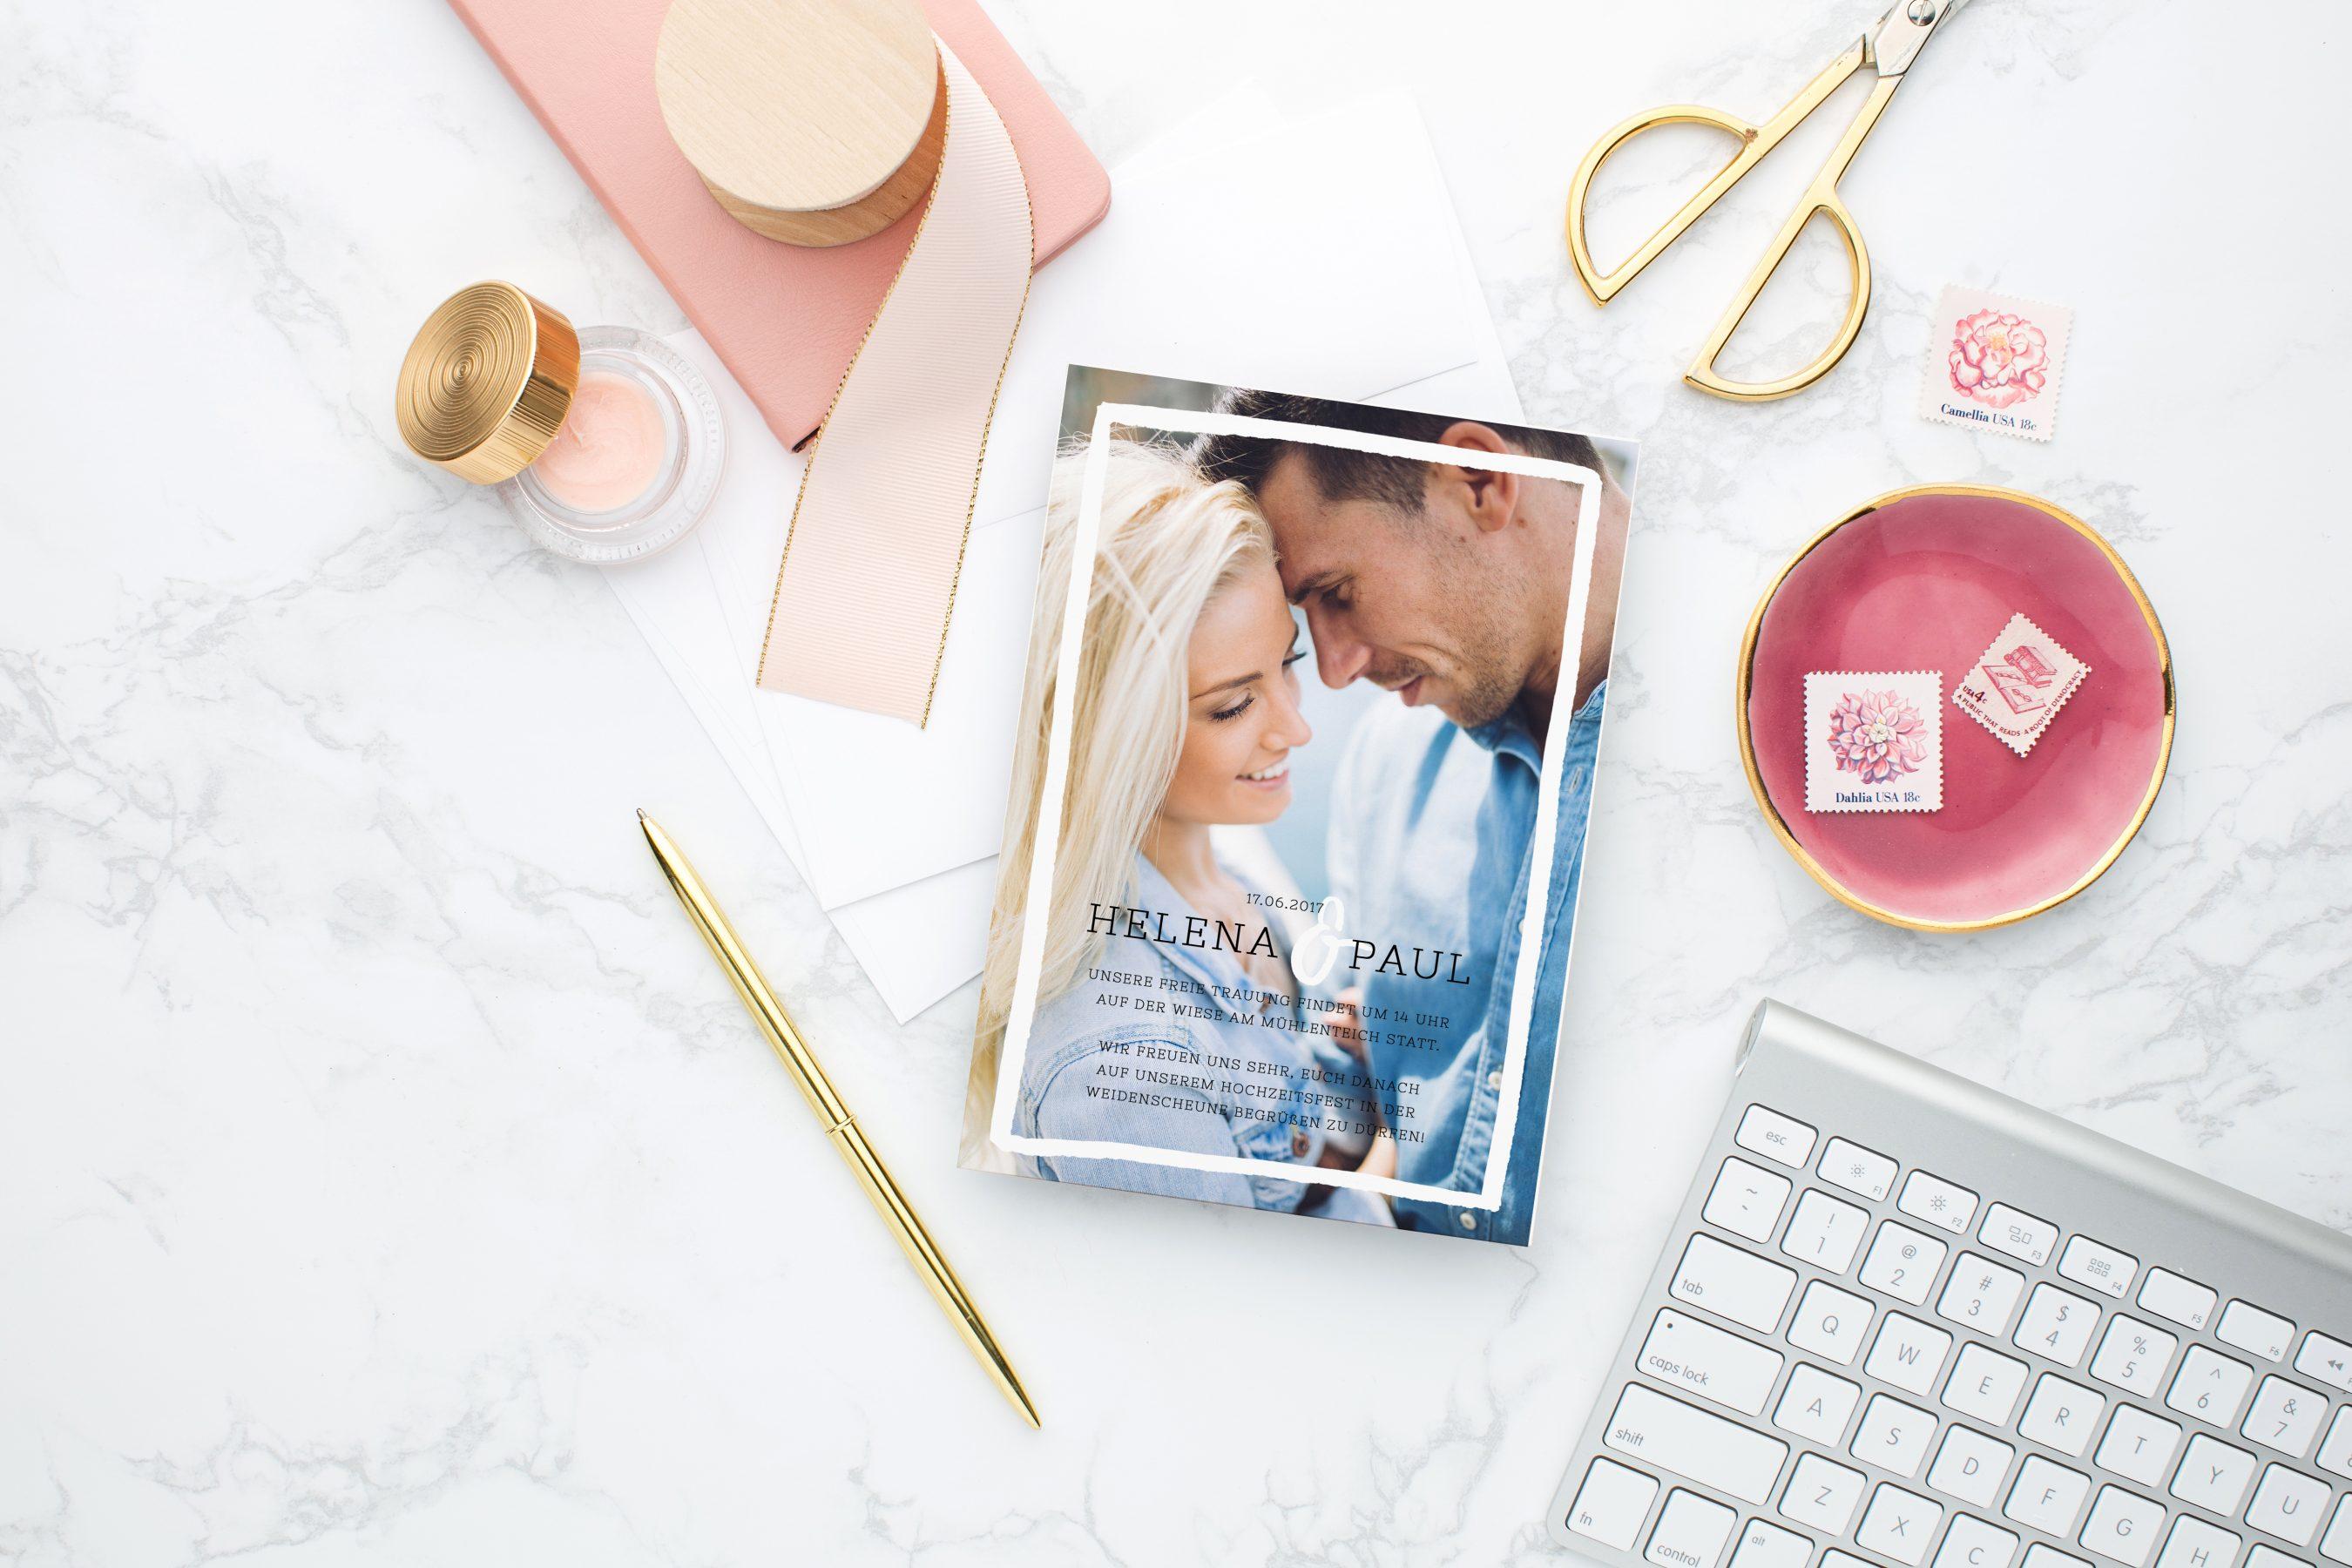 Hochzeitskarten Einladung Download, Hochzeitskarten zum Downloaden, Einladung zum Ausdrucken